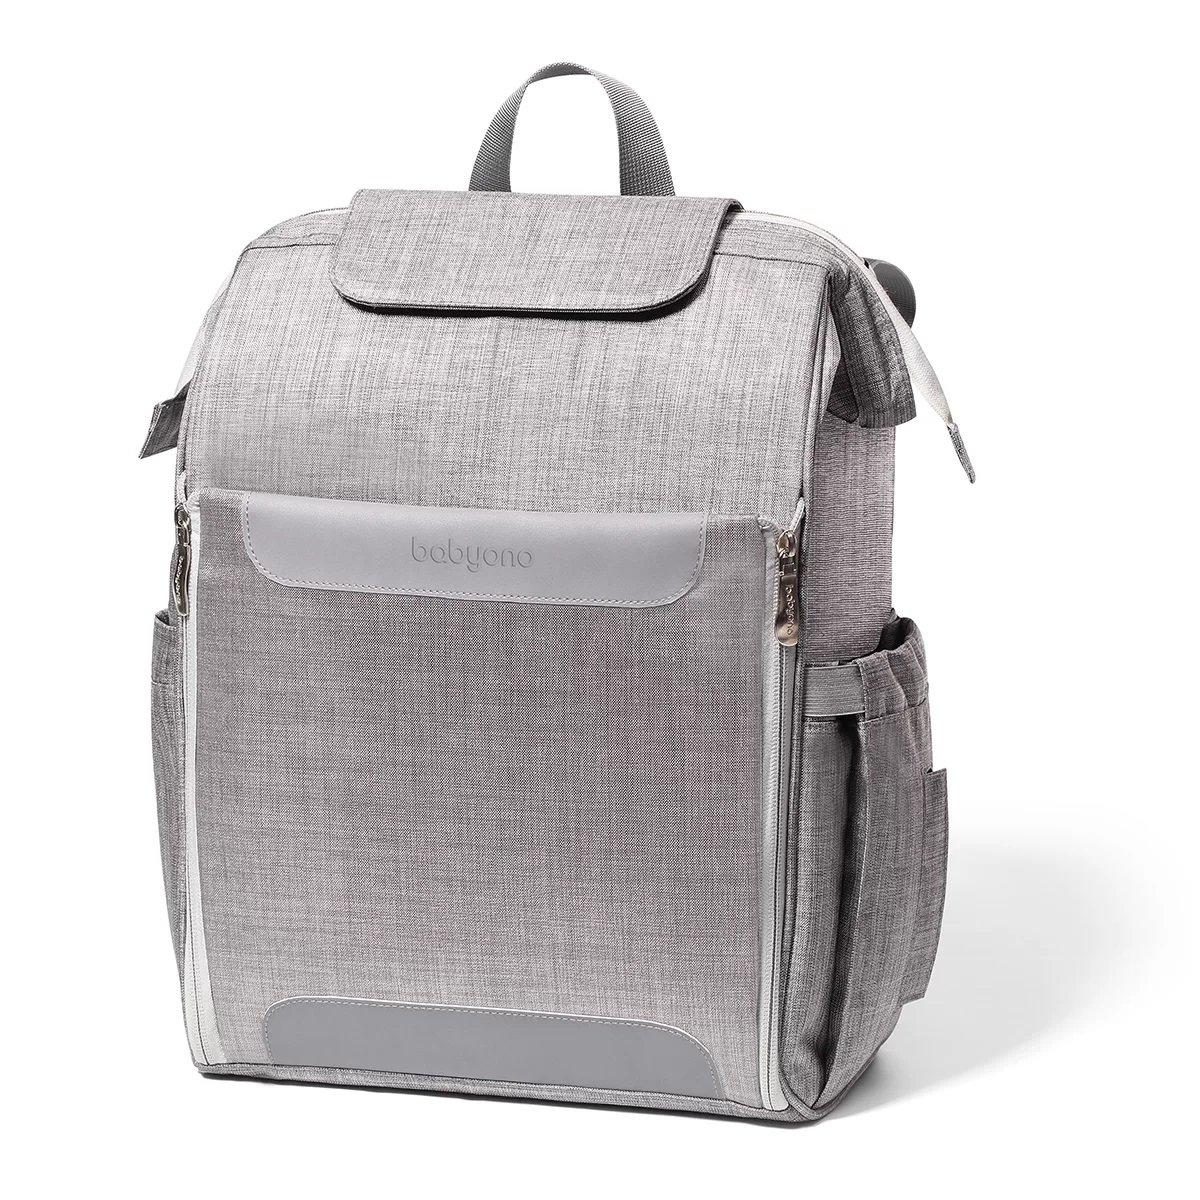 Batoh taška ke koèárku pro maminky SPACE